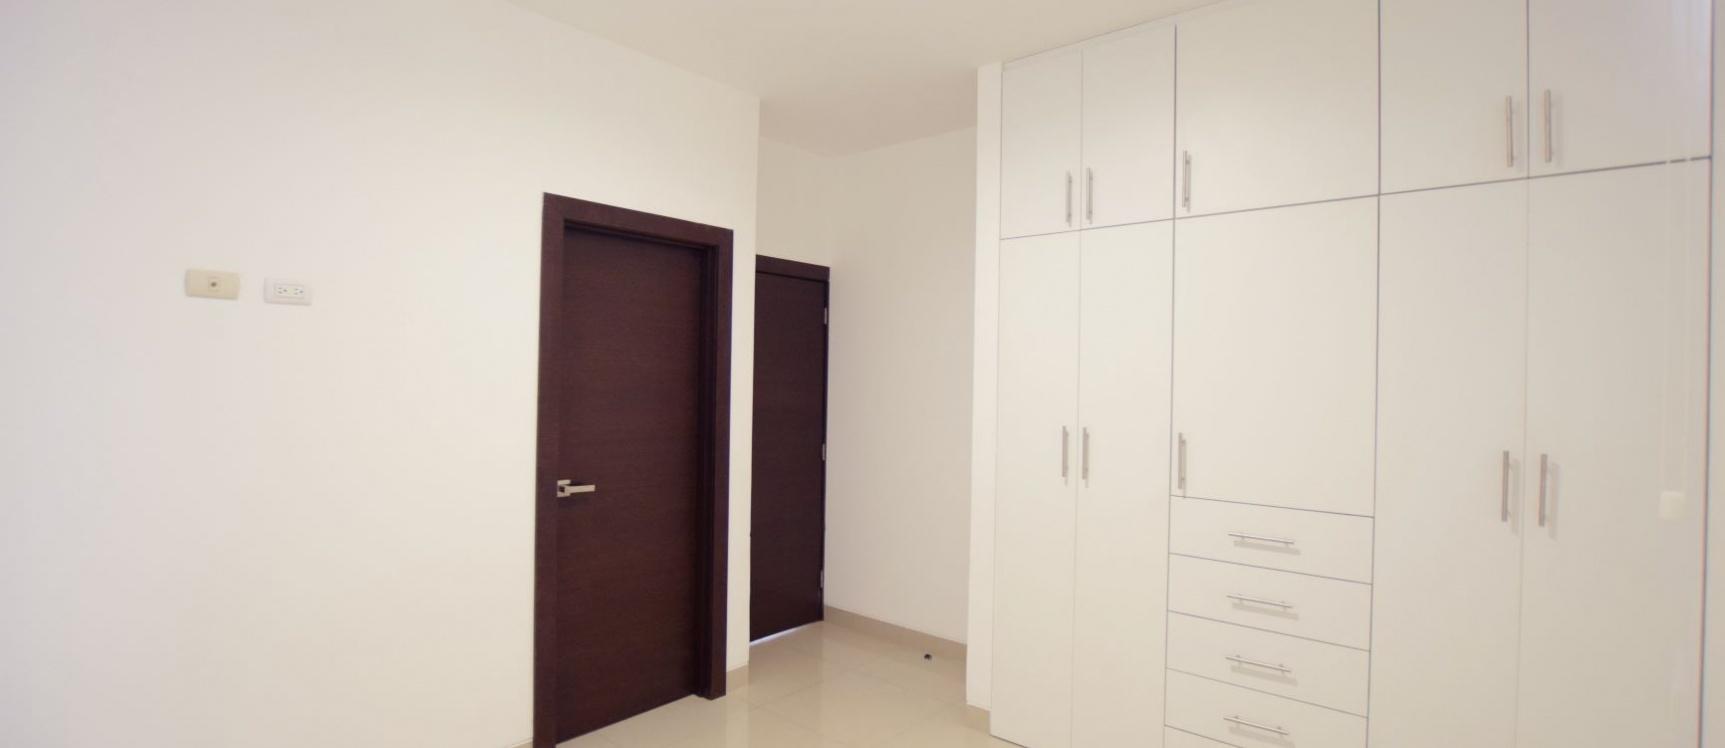 GeoBienes - Departamento en venta ubicado en  Montelimar II, Vía Samborondón - Plusvalia Guayaquil Casas de venta y alquiler Inmobiliaria Ecuador